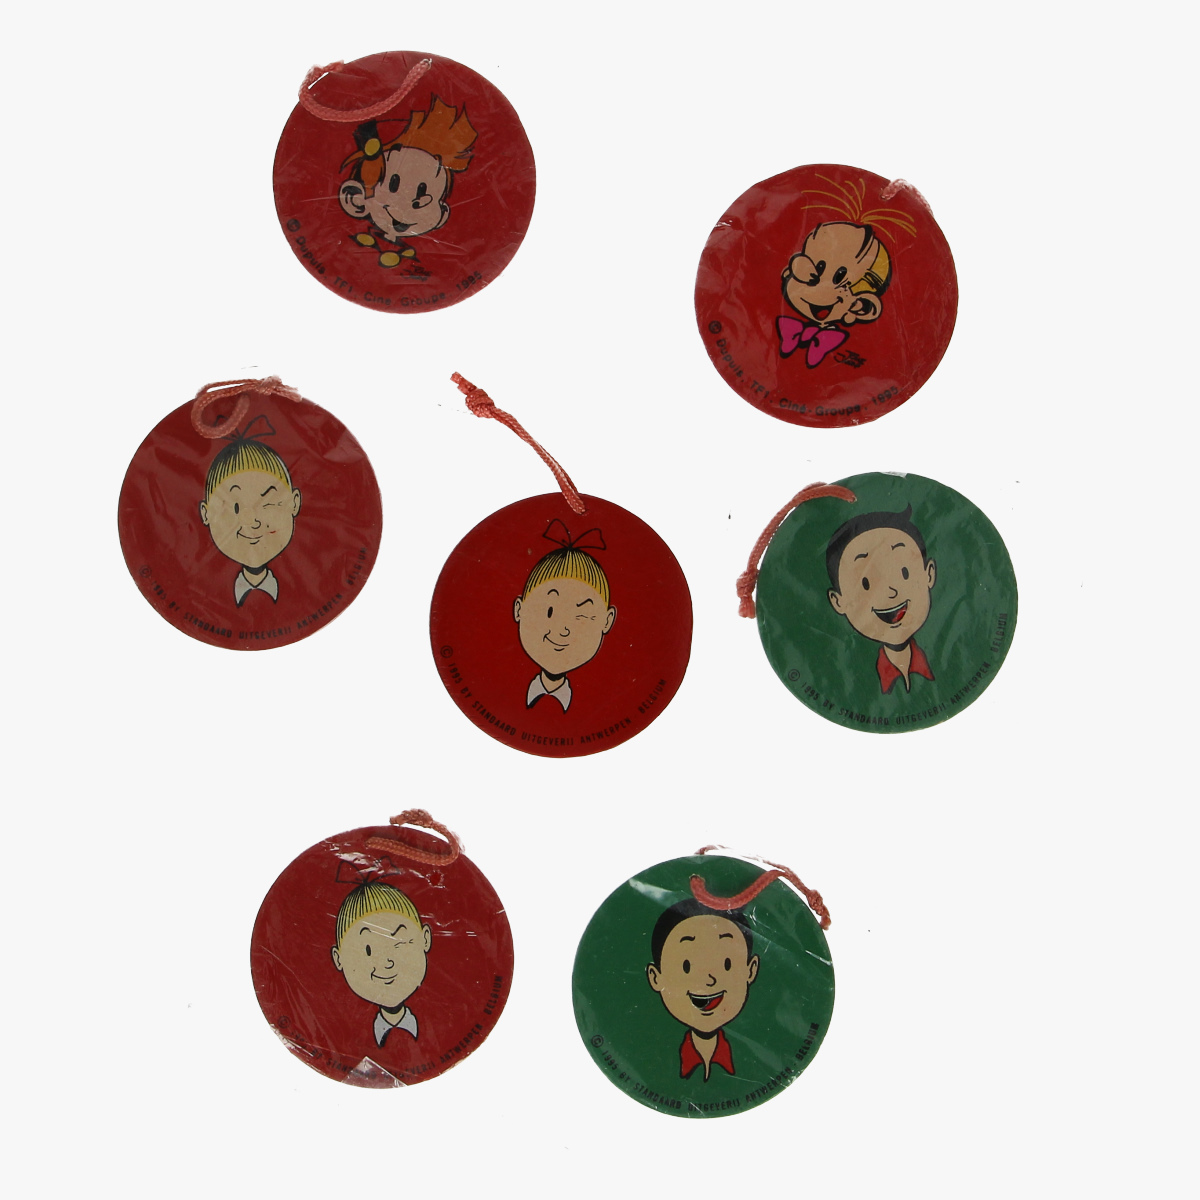 Afbeeldingen van robbedoes kerstversiering dupuis. tf1 . cine . group. 1995 kerstbal